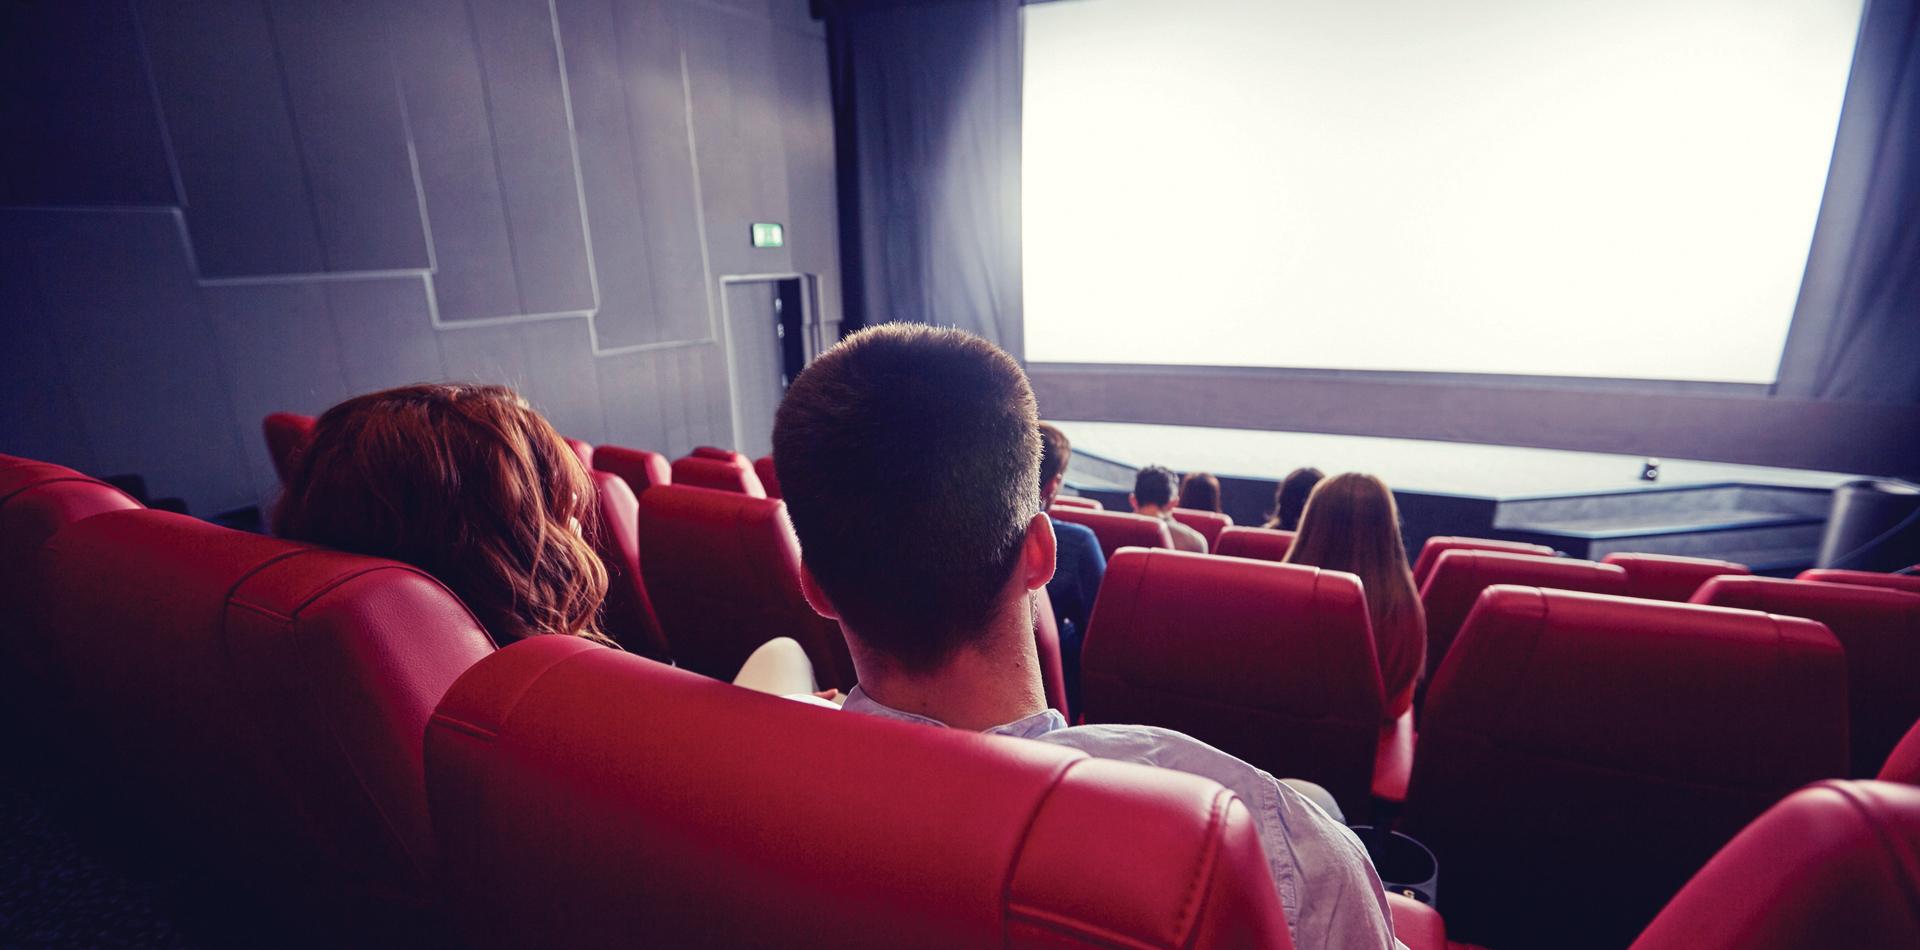 Piden ayuda para que  cines de EE.UU  puedan sobrevivir a la pandemia